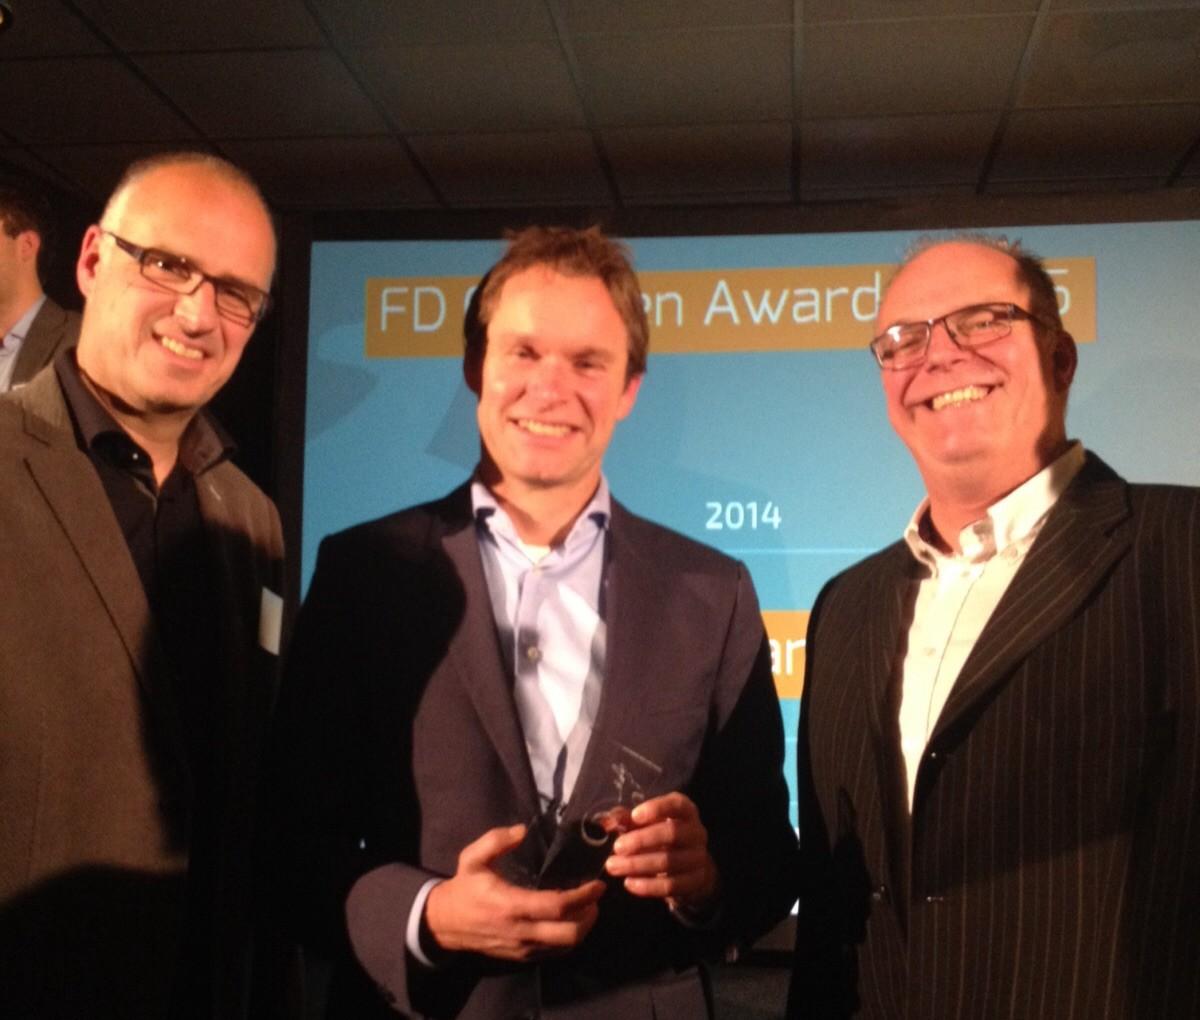 Modderkolk in de prijzen voor de FD Gazellen Awards 2015